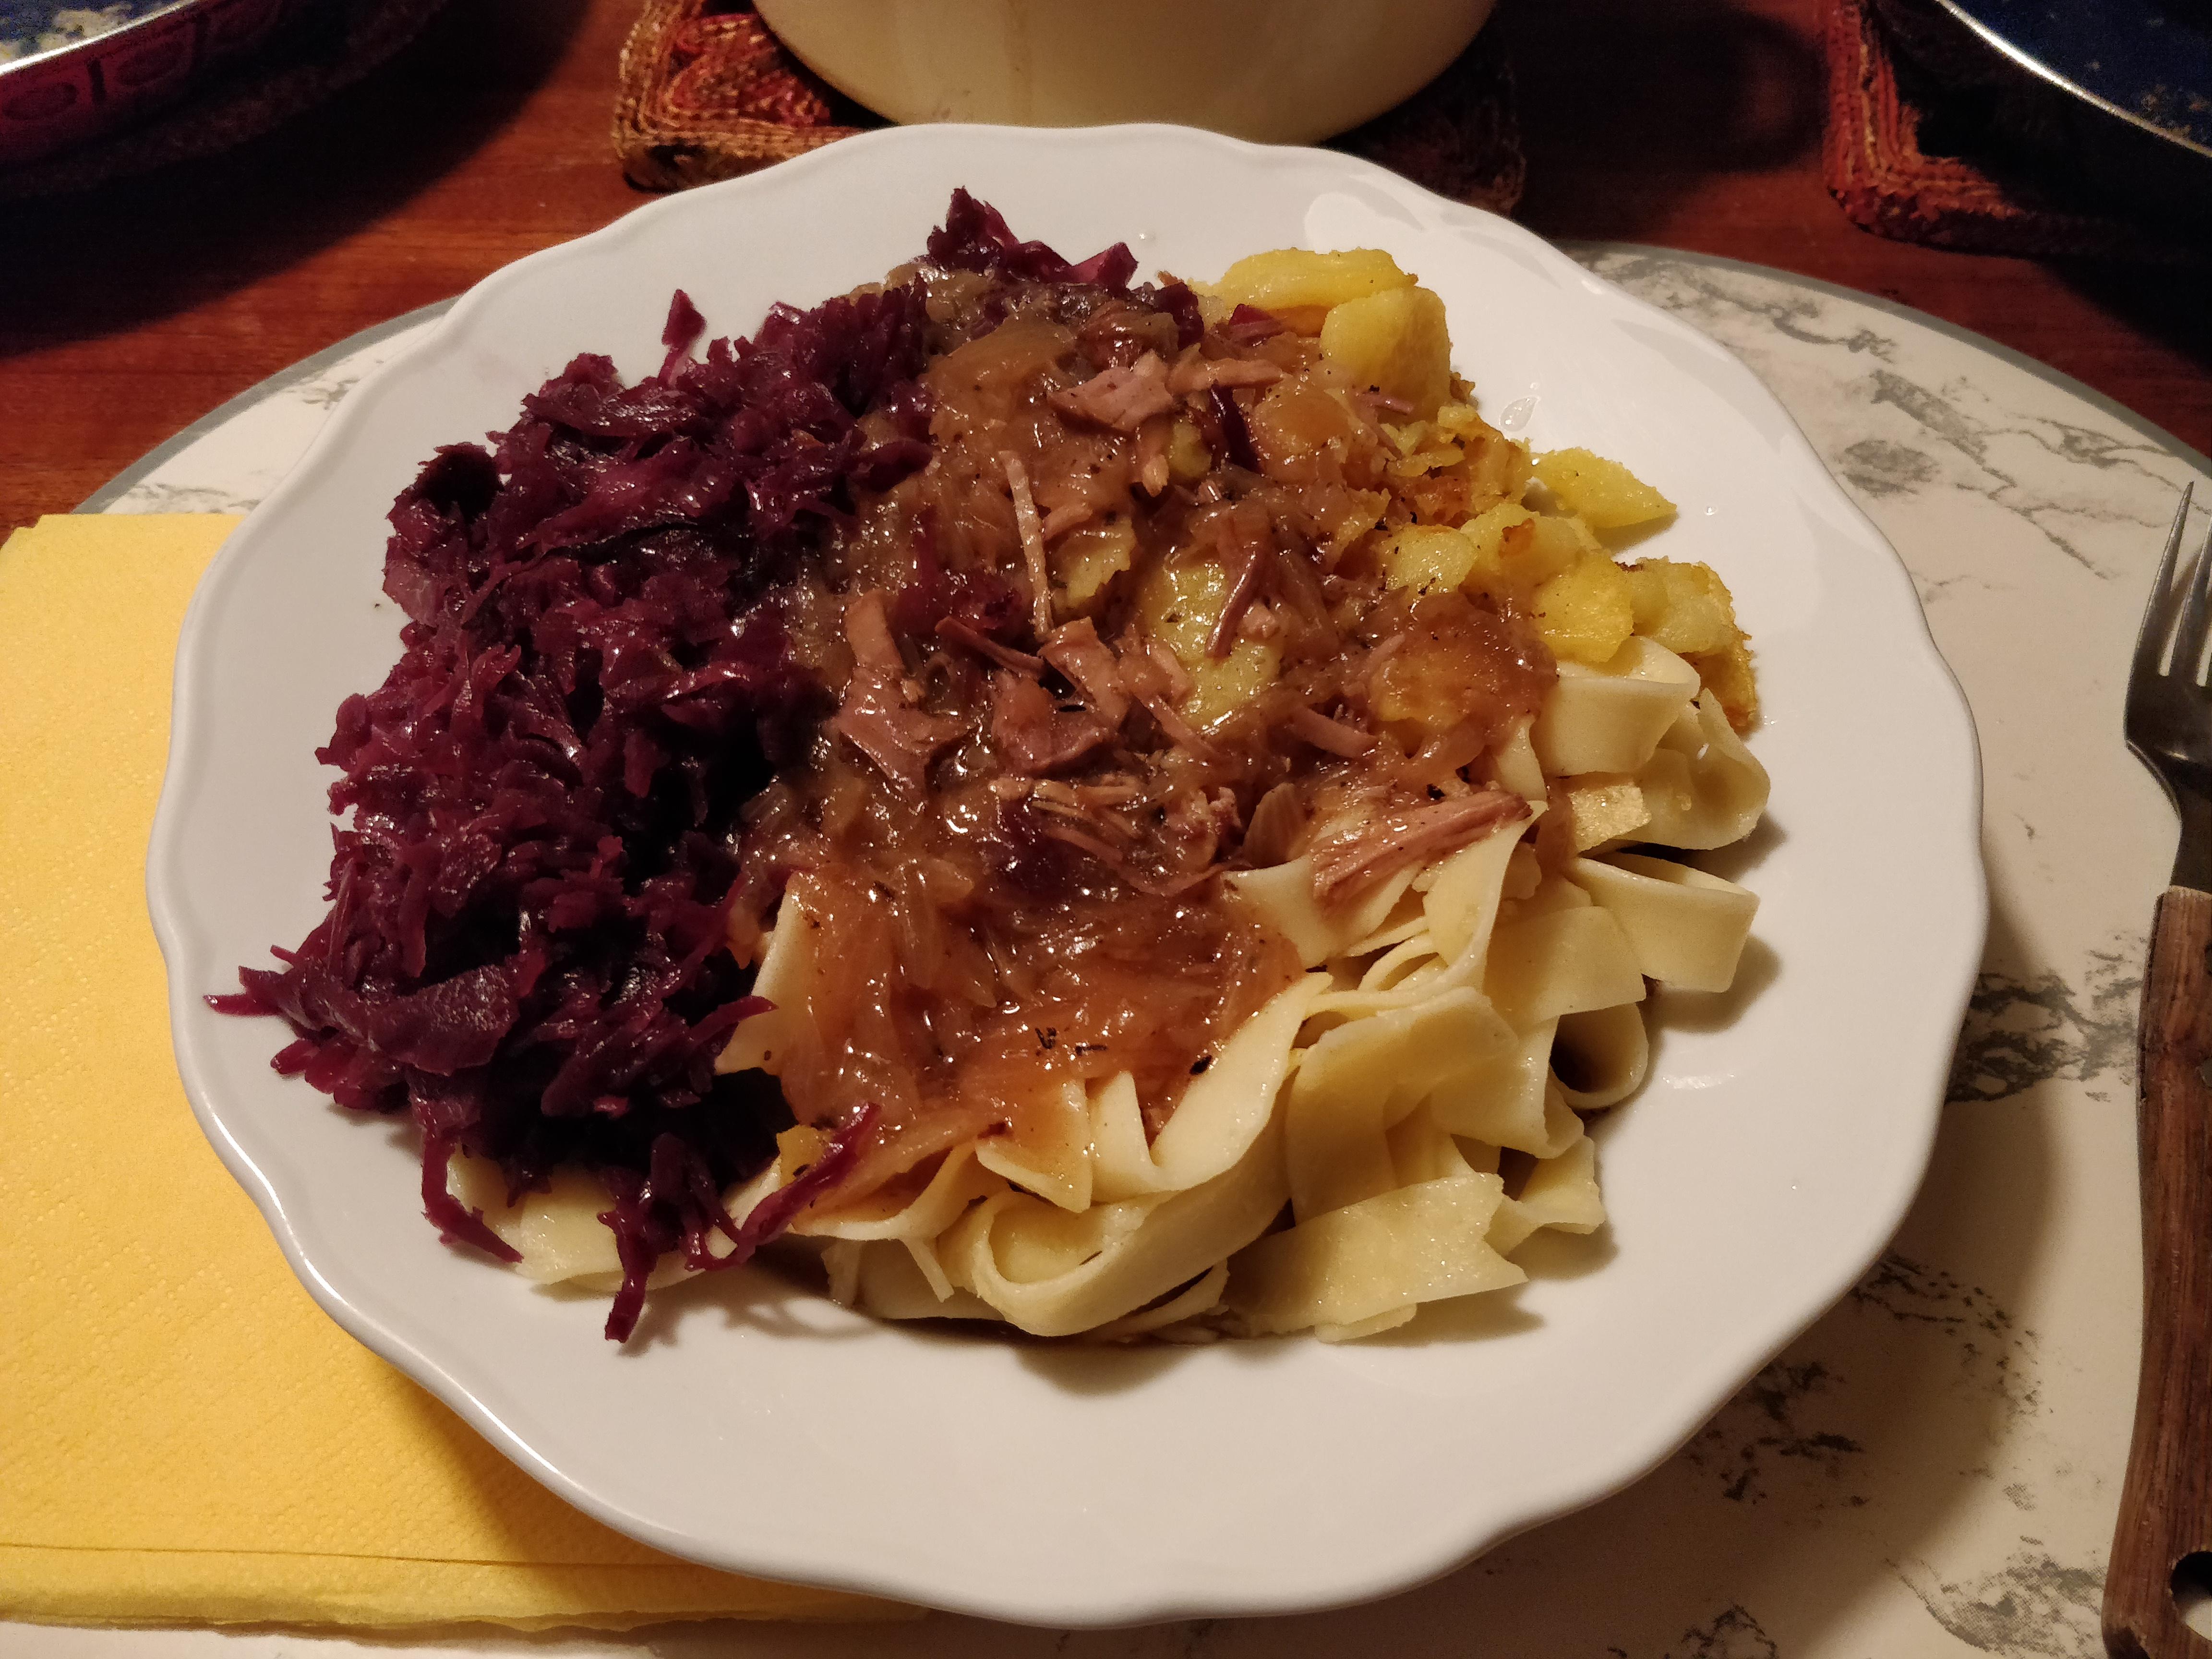 https://foodloader.net/nico_2018-11-14_schweinebraten-rotkraut-nudeln-bratkartoffeln.jpg